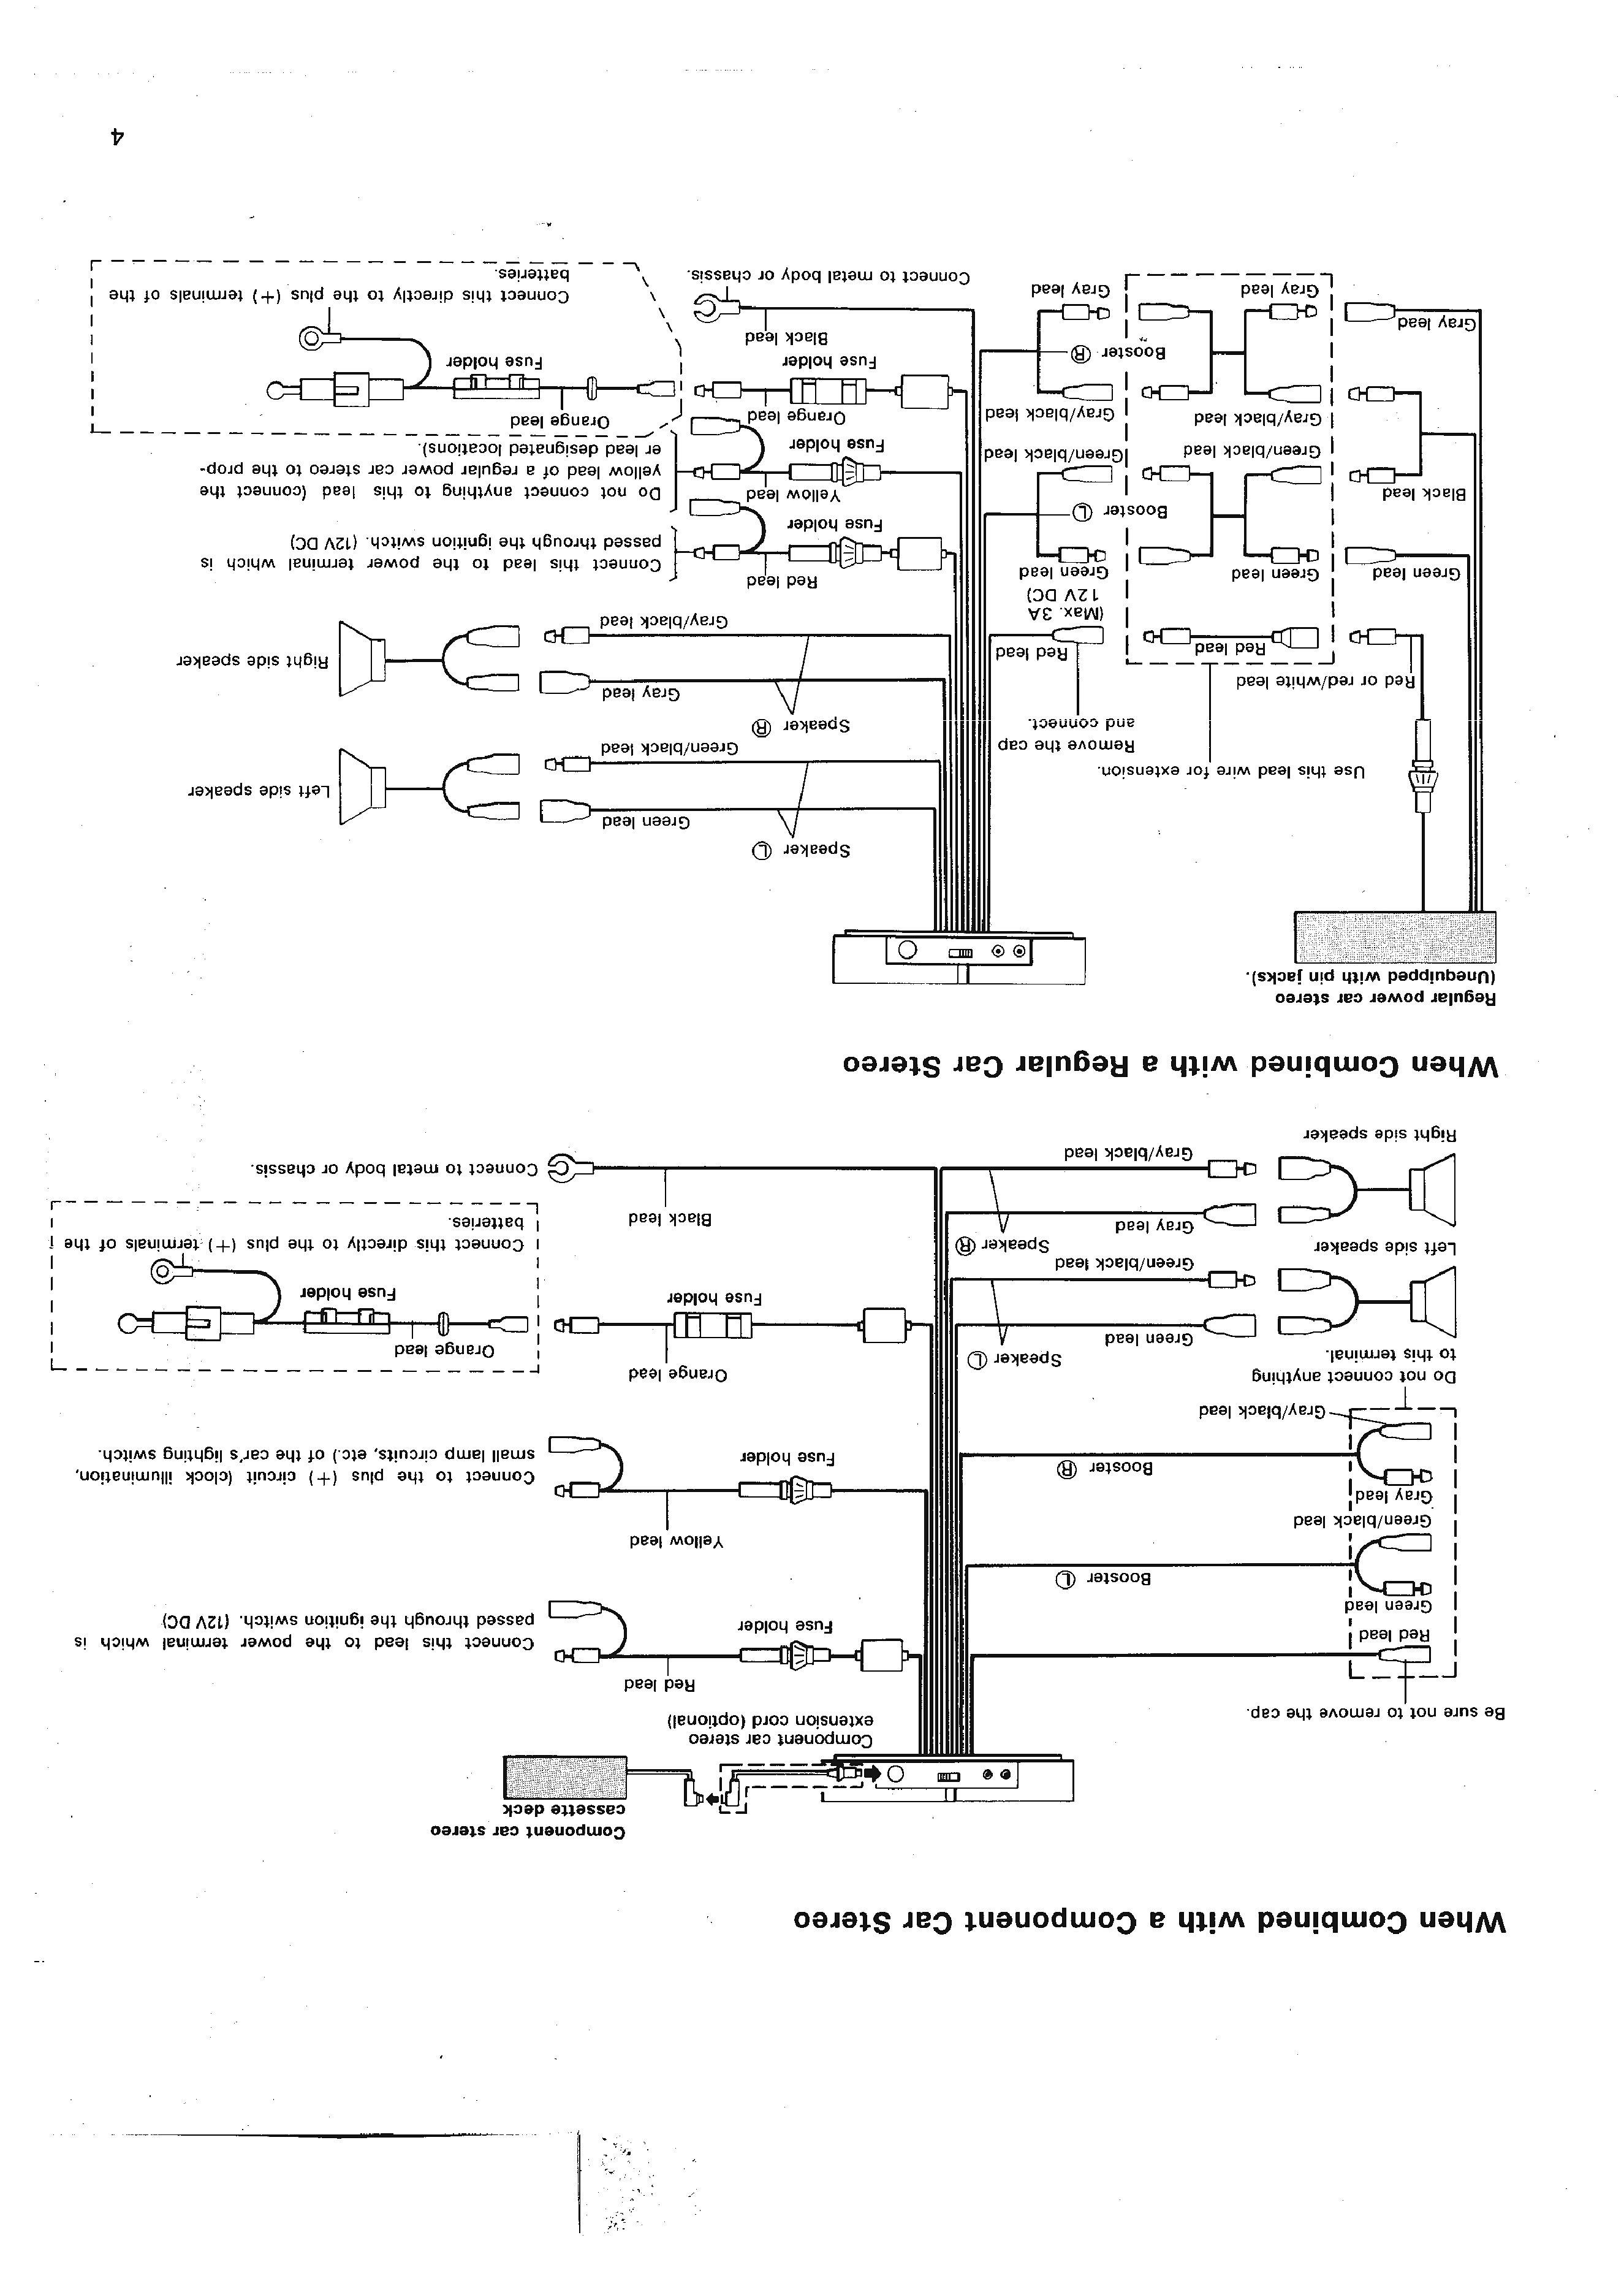 pioneer deh wiring diagram libraries throughout pioneer deh wiring diagram